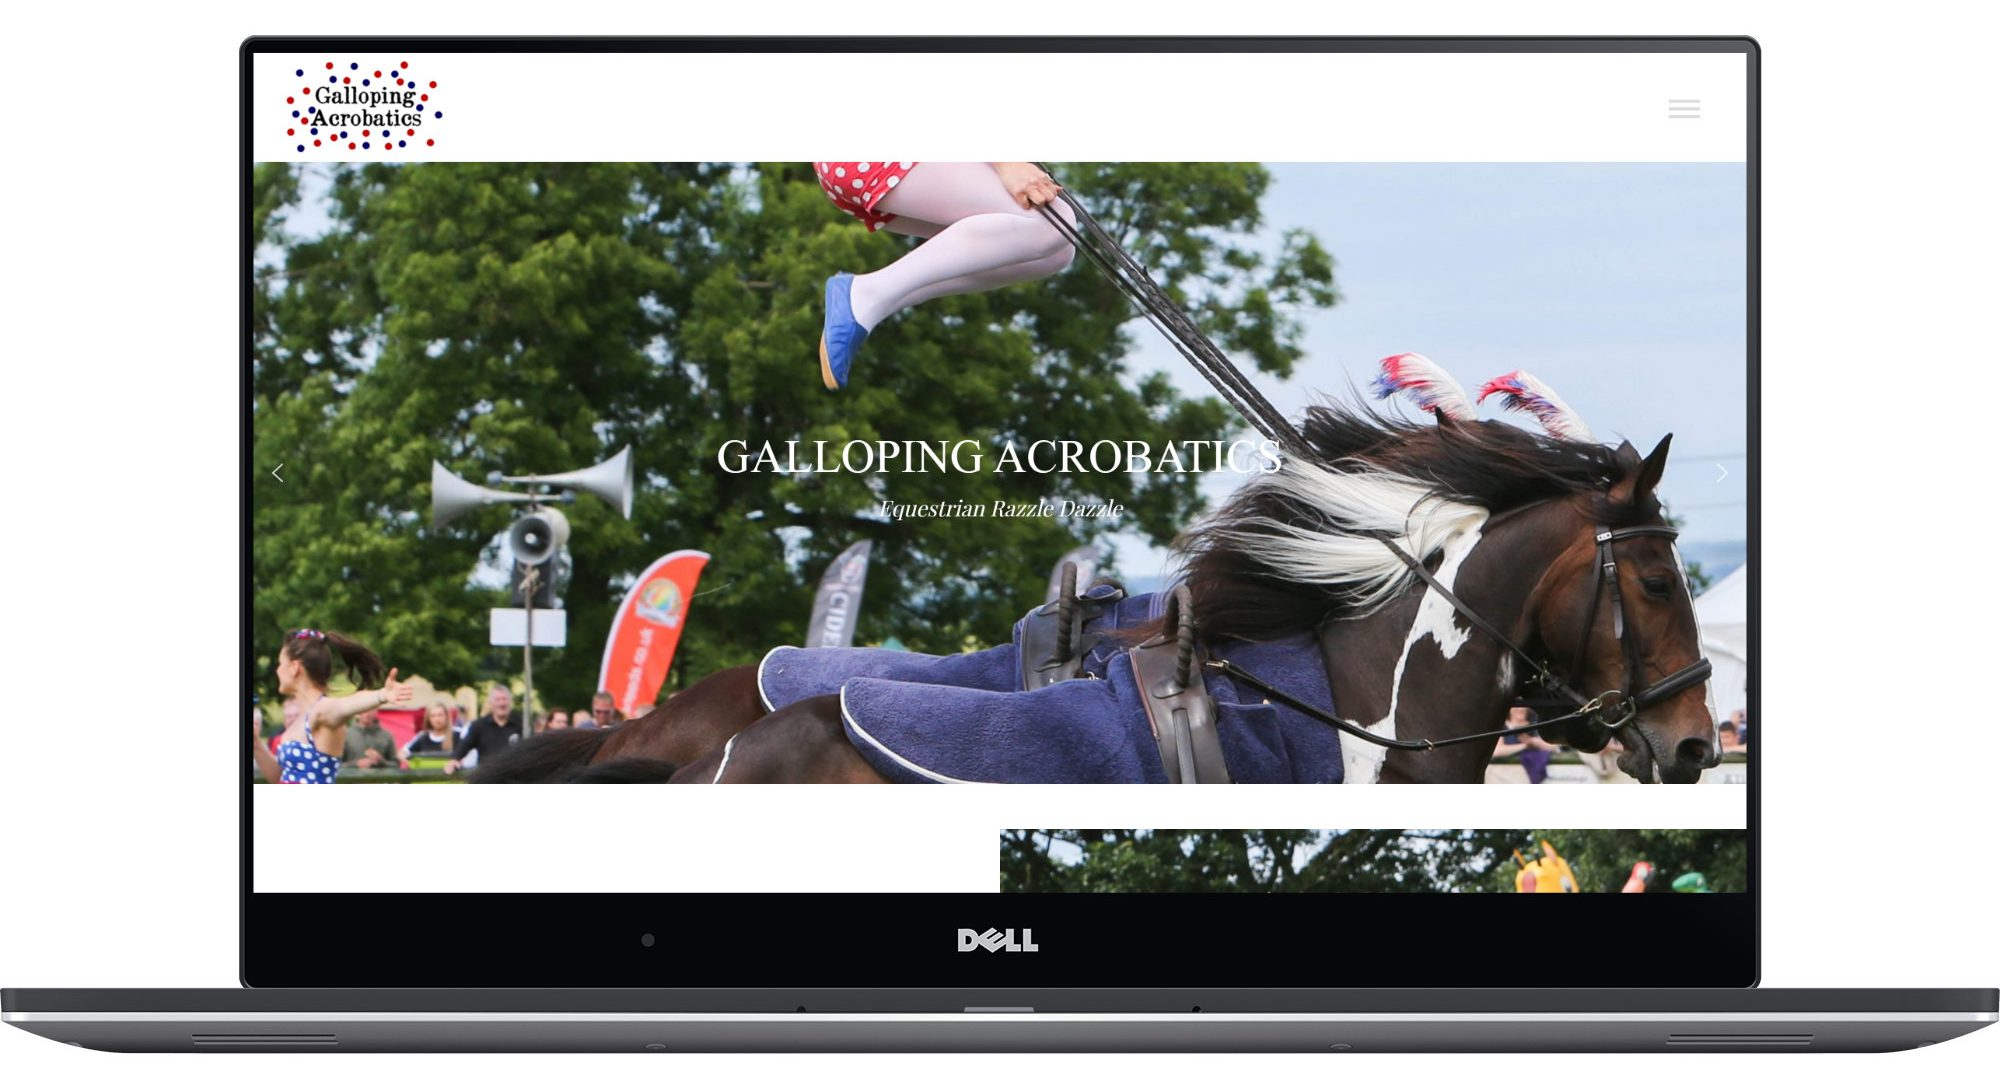 Galloping Acrobatics Laptop Screenshot